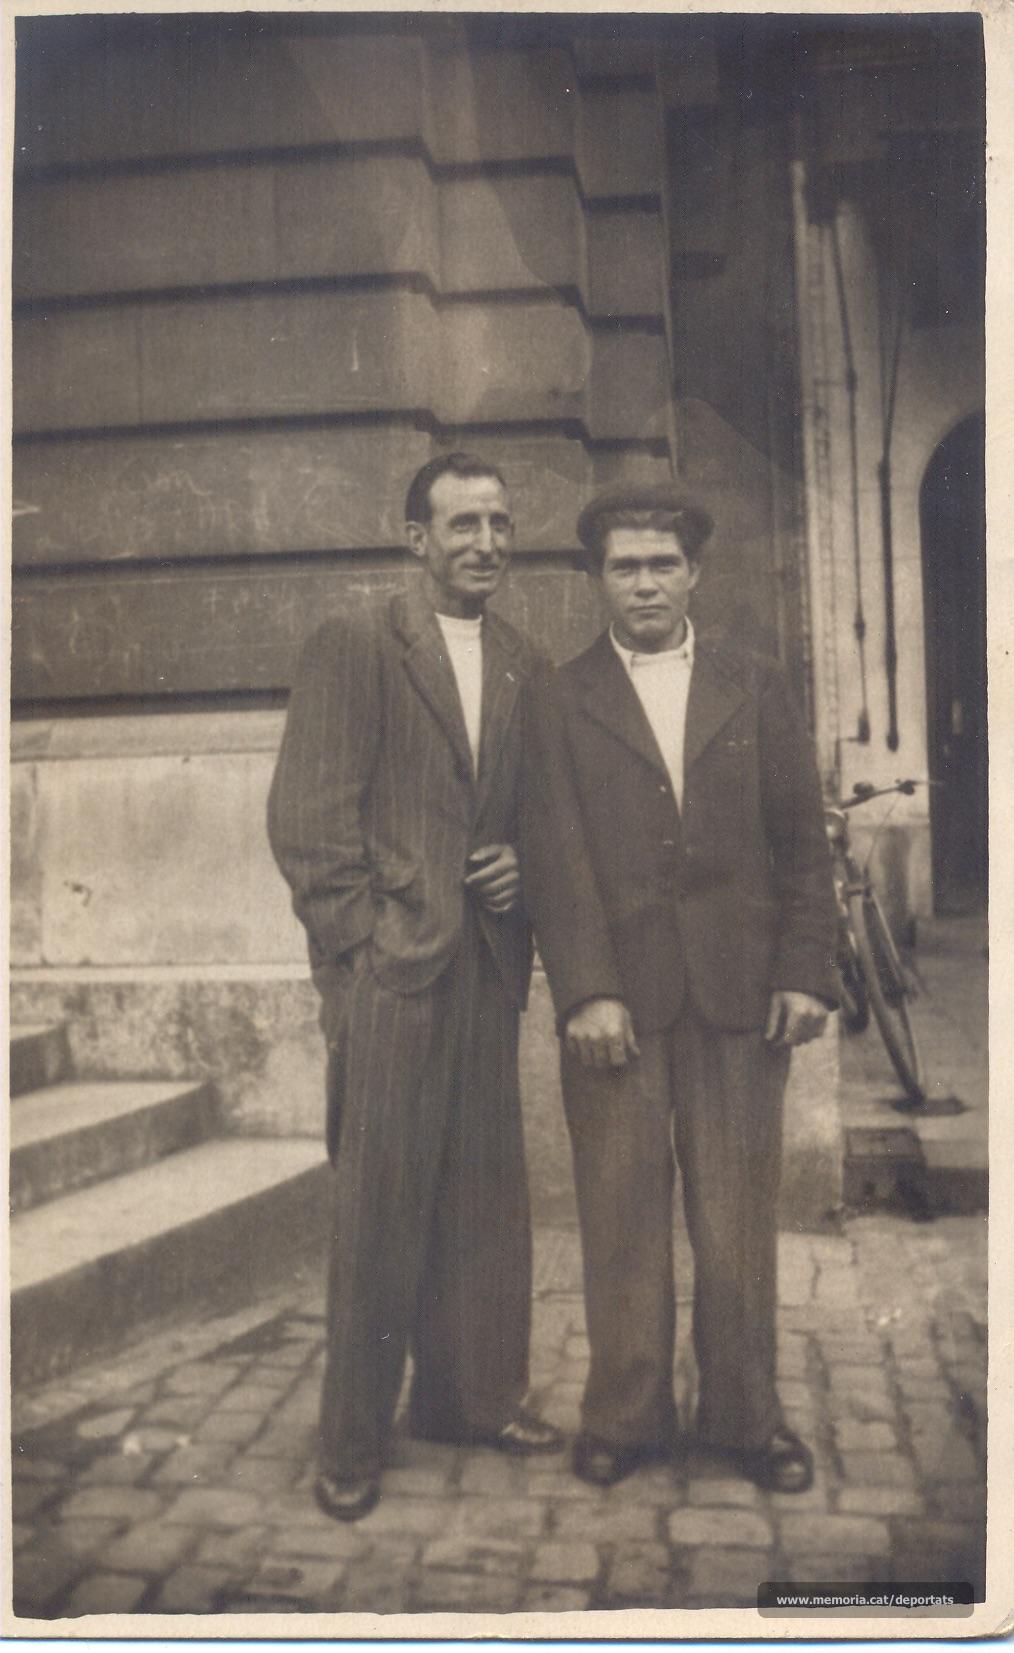 Josep Señal a París, després de ser alliberat. És el de la dreta. Desconeixem la identitat del seu acompanyant. (Font: arxiu particular de Josep Maria Señal)